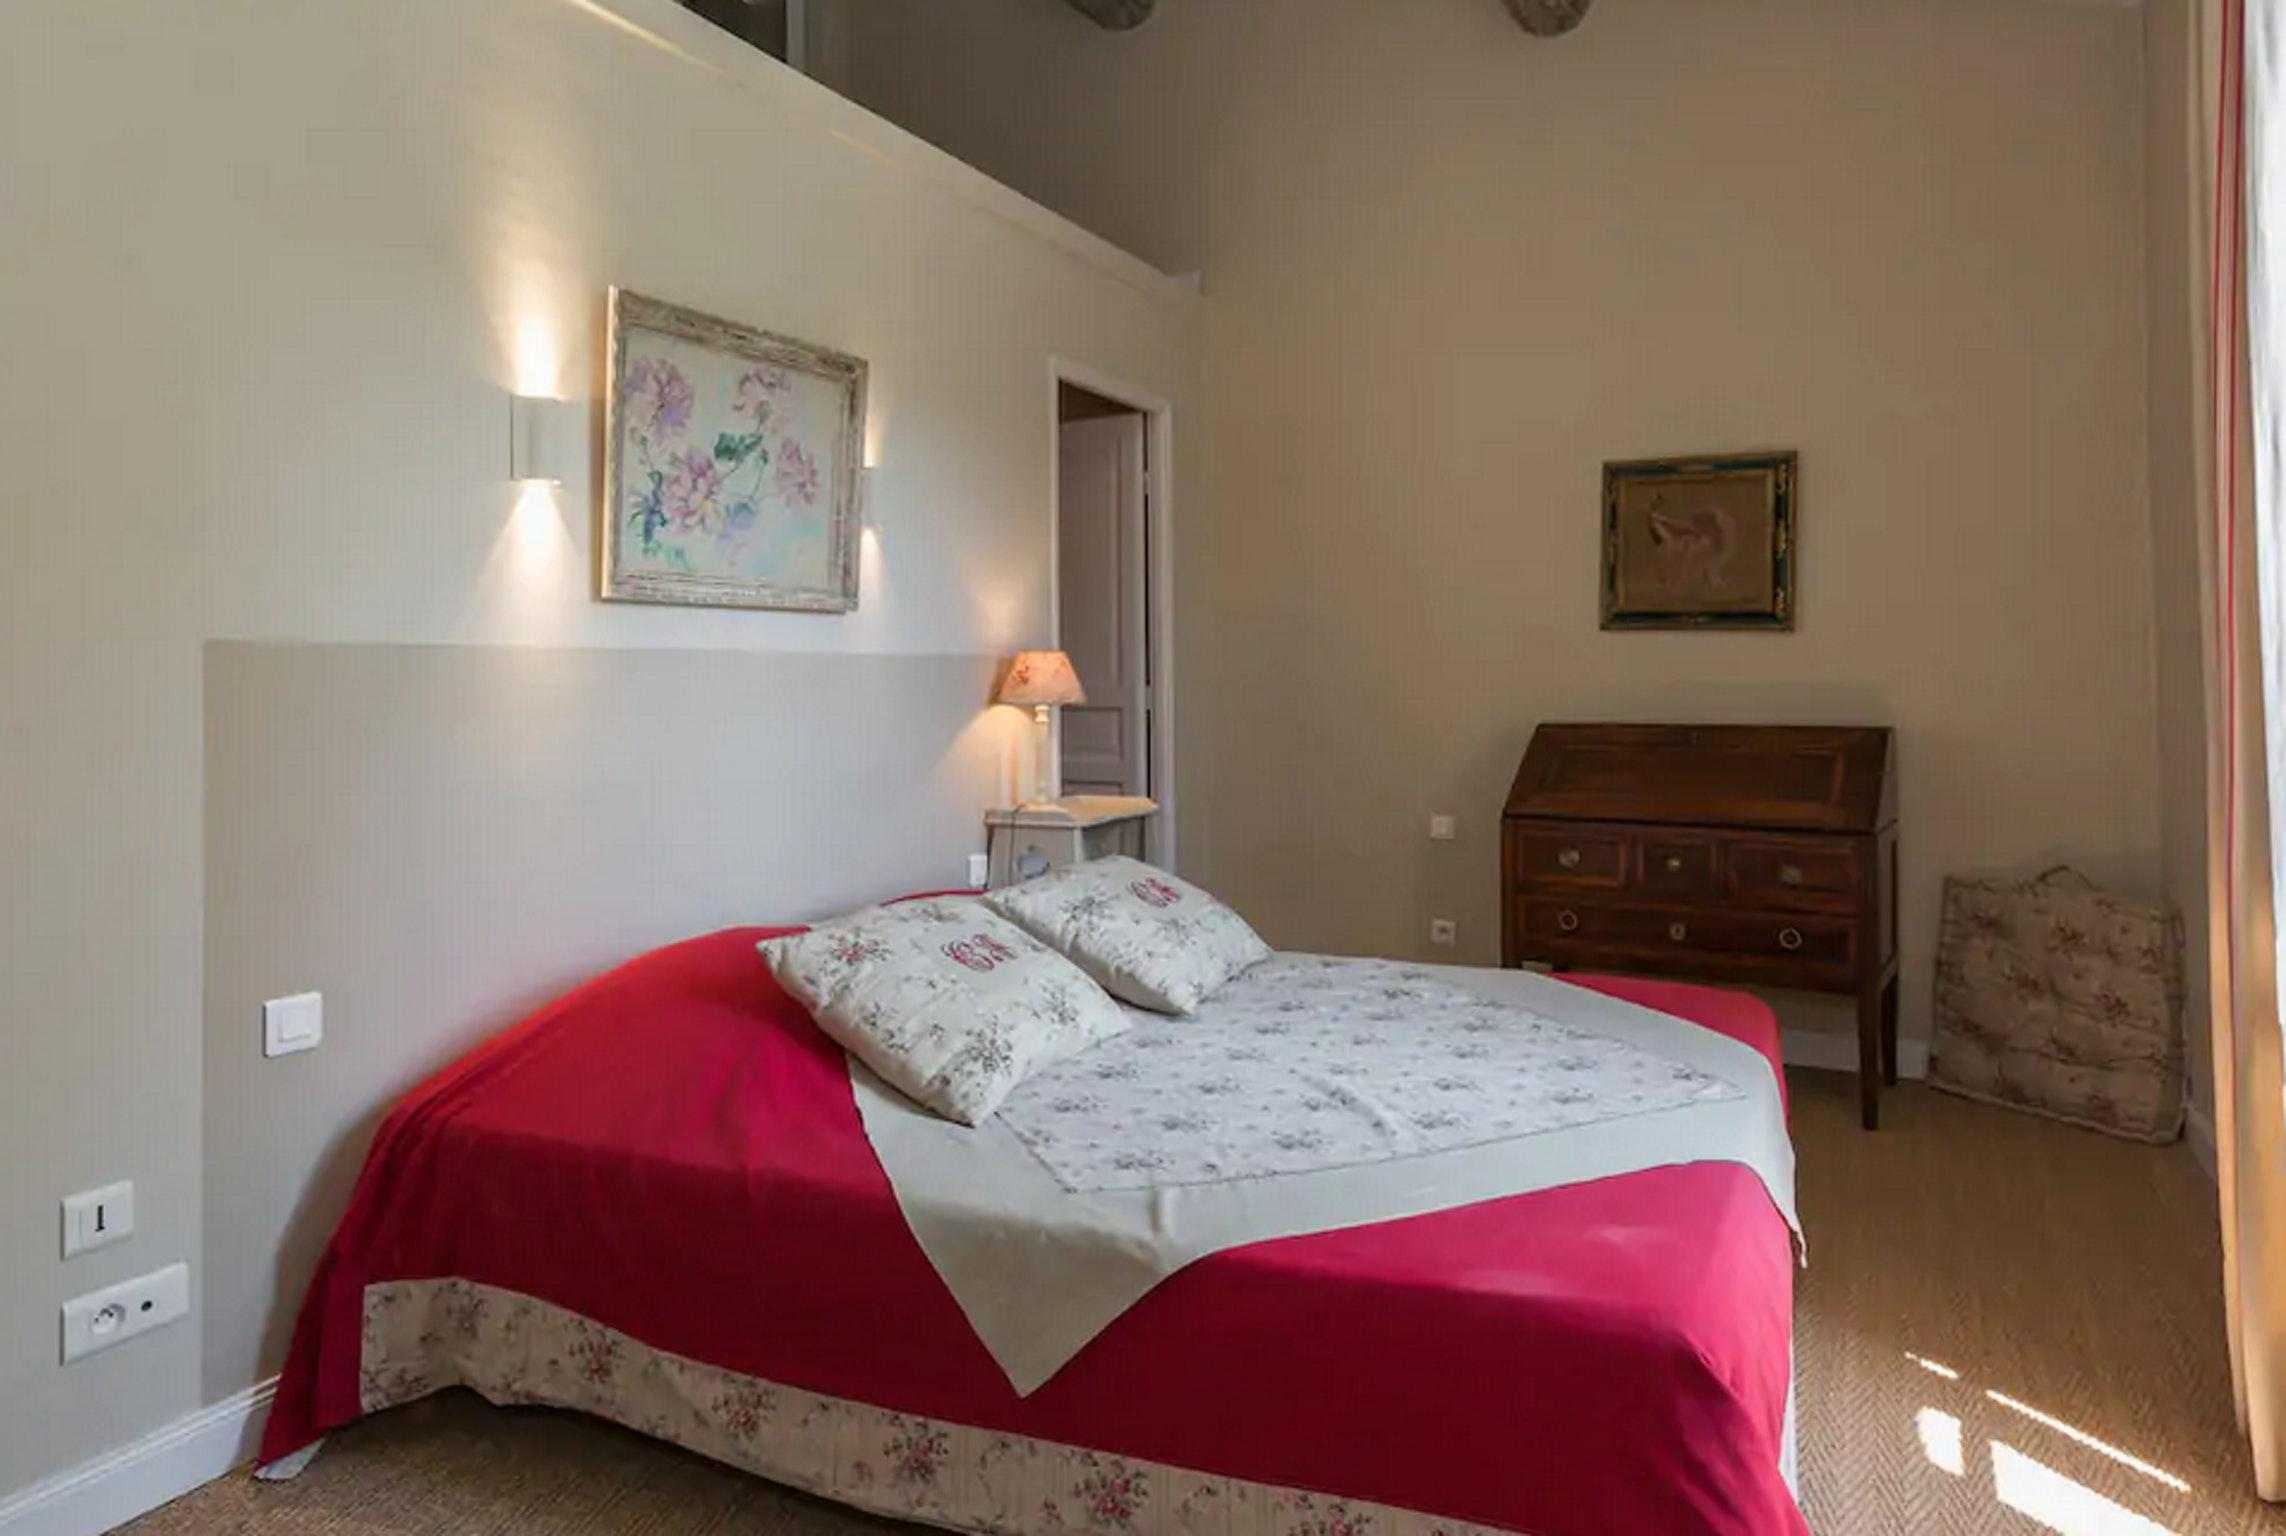 Maison de vacances Villa mit 6 Schlafzimmern in L'Isle-sur-la-Sorgue mit privatem Pool, möbliertem Garten und (2647203), L'Isle sur la Sorgue, Vaucluse, Provence - Alpes - Côte d'Azur, France, image 42